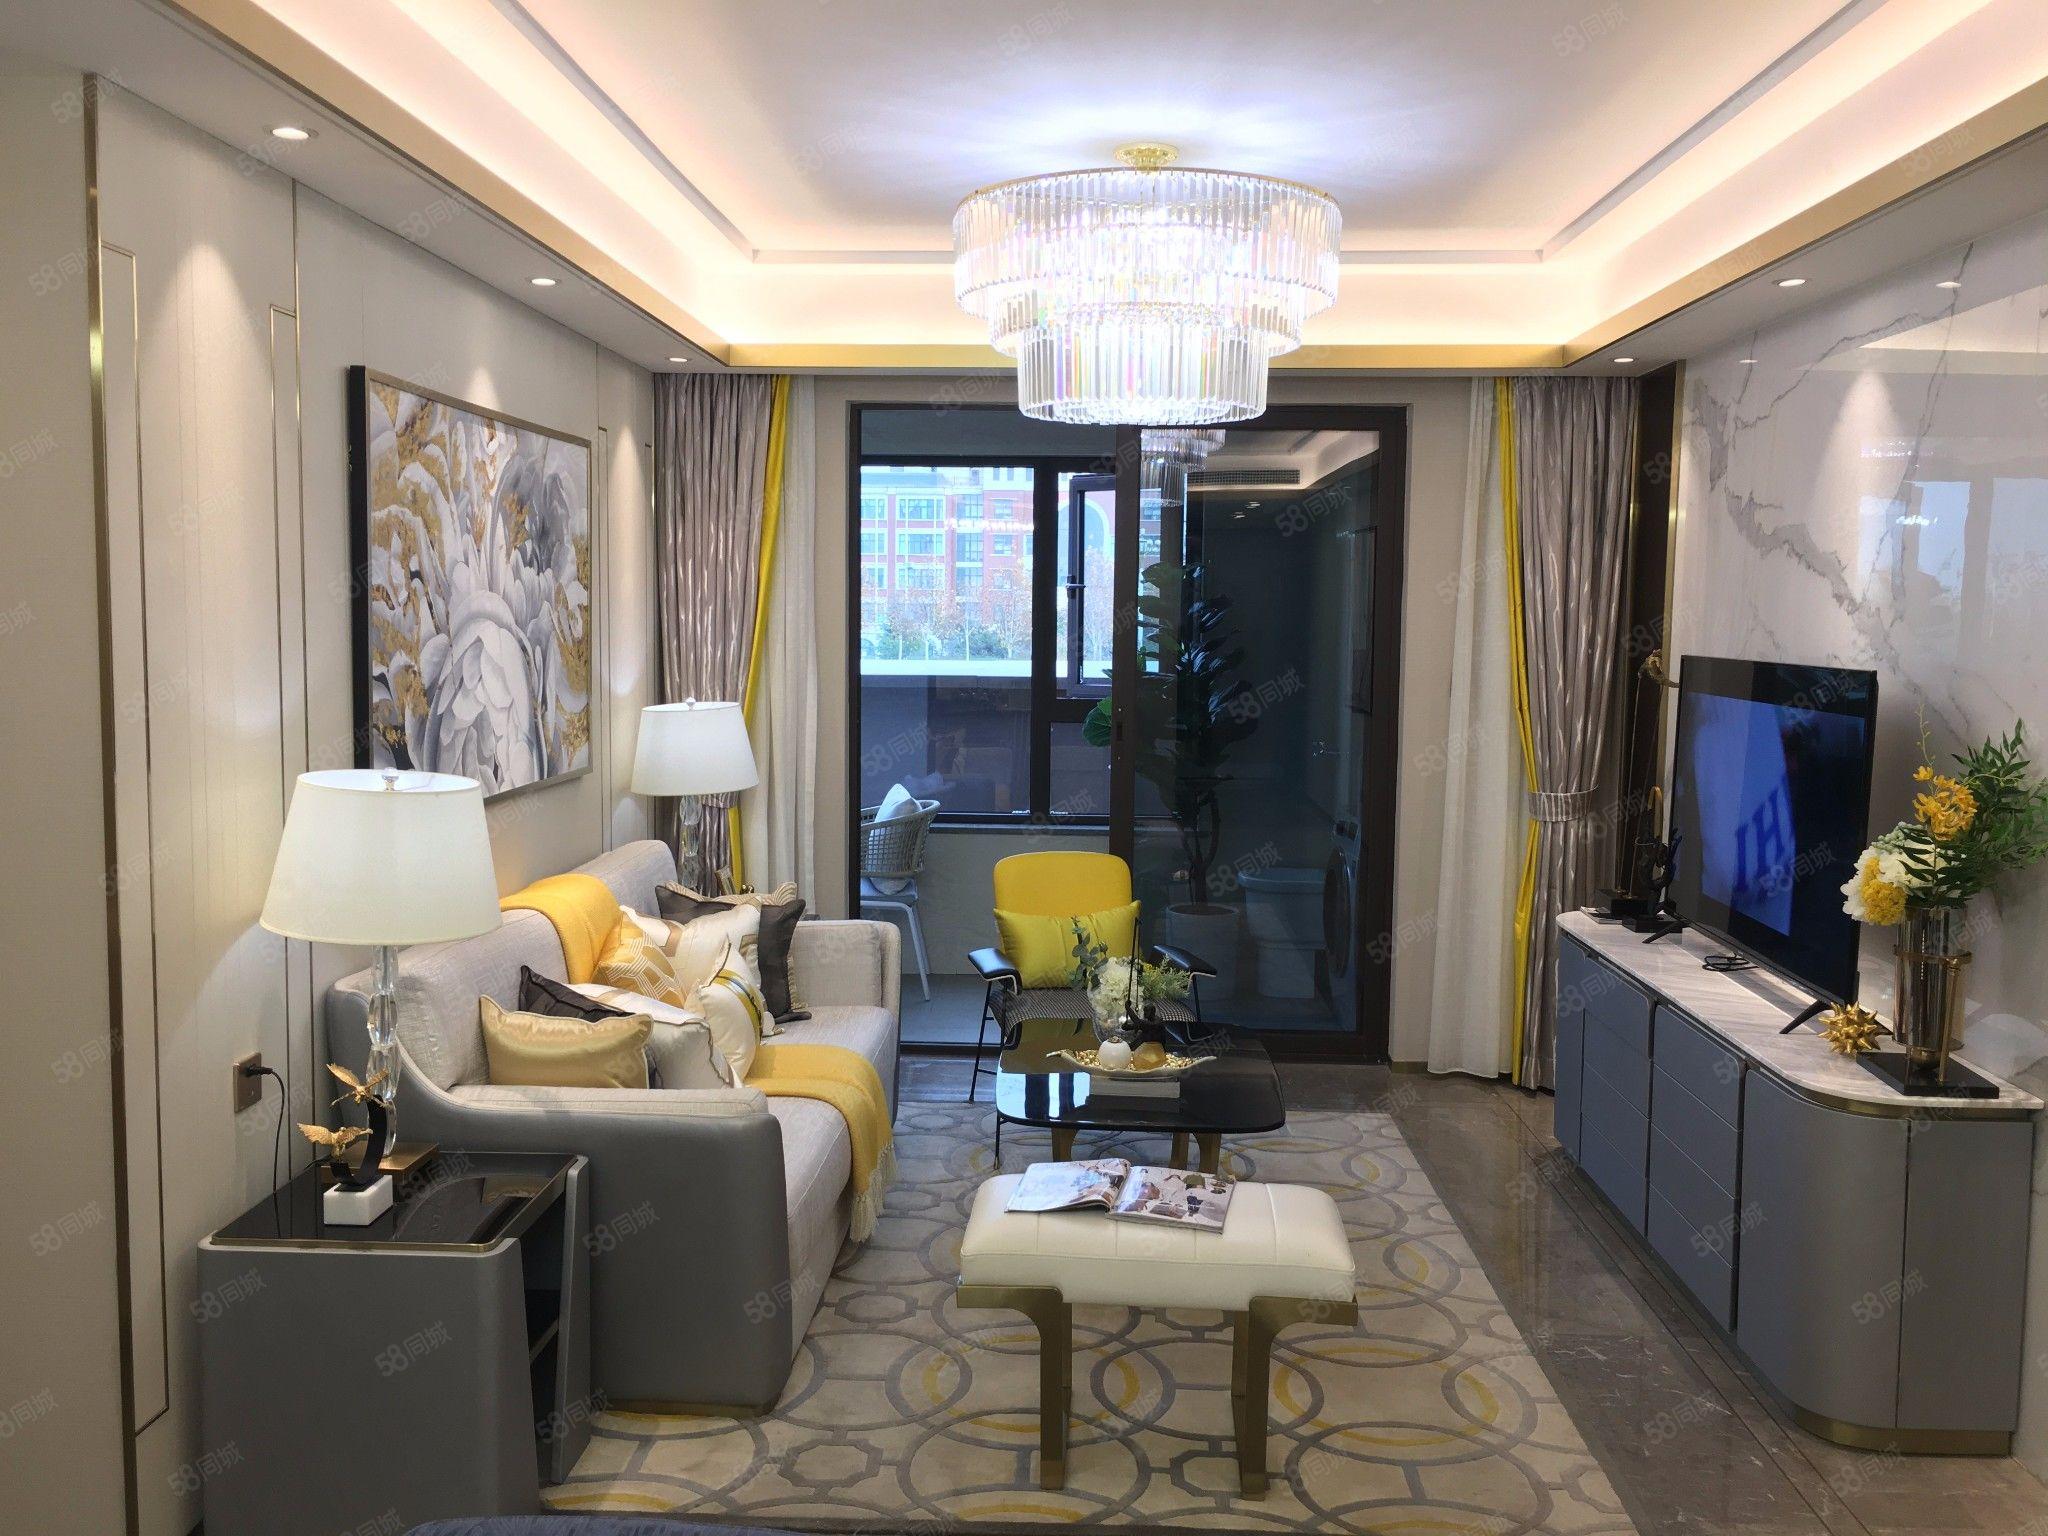 恒大旁新丝路国际博览城三室两厅现房均价3XXX拿下